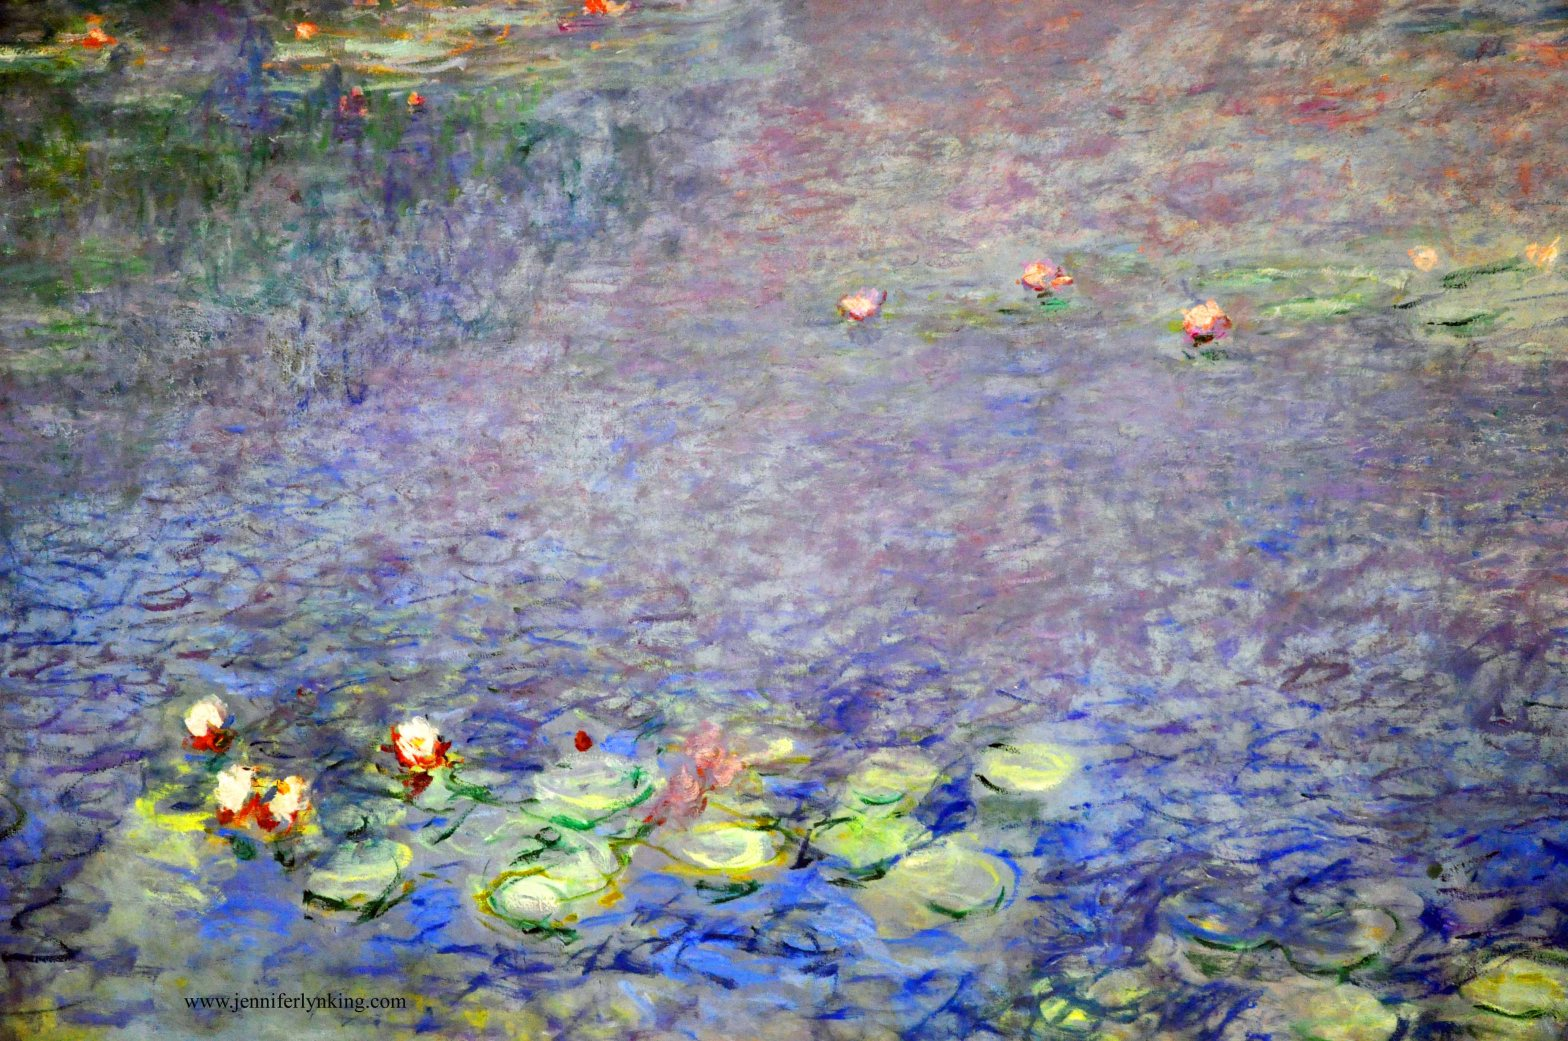 Monet's Water Lilies, L'Orangerie, Paris